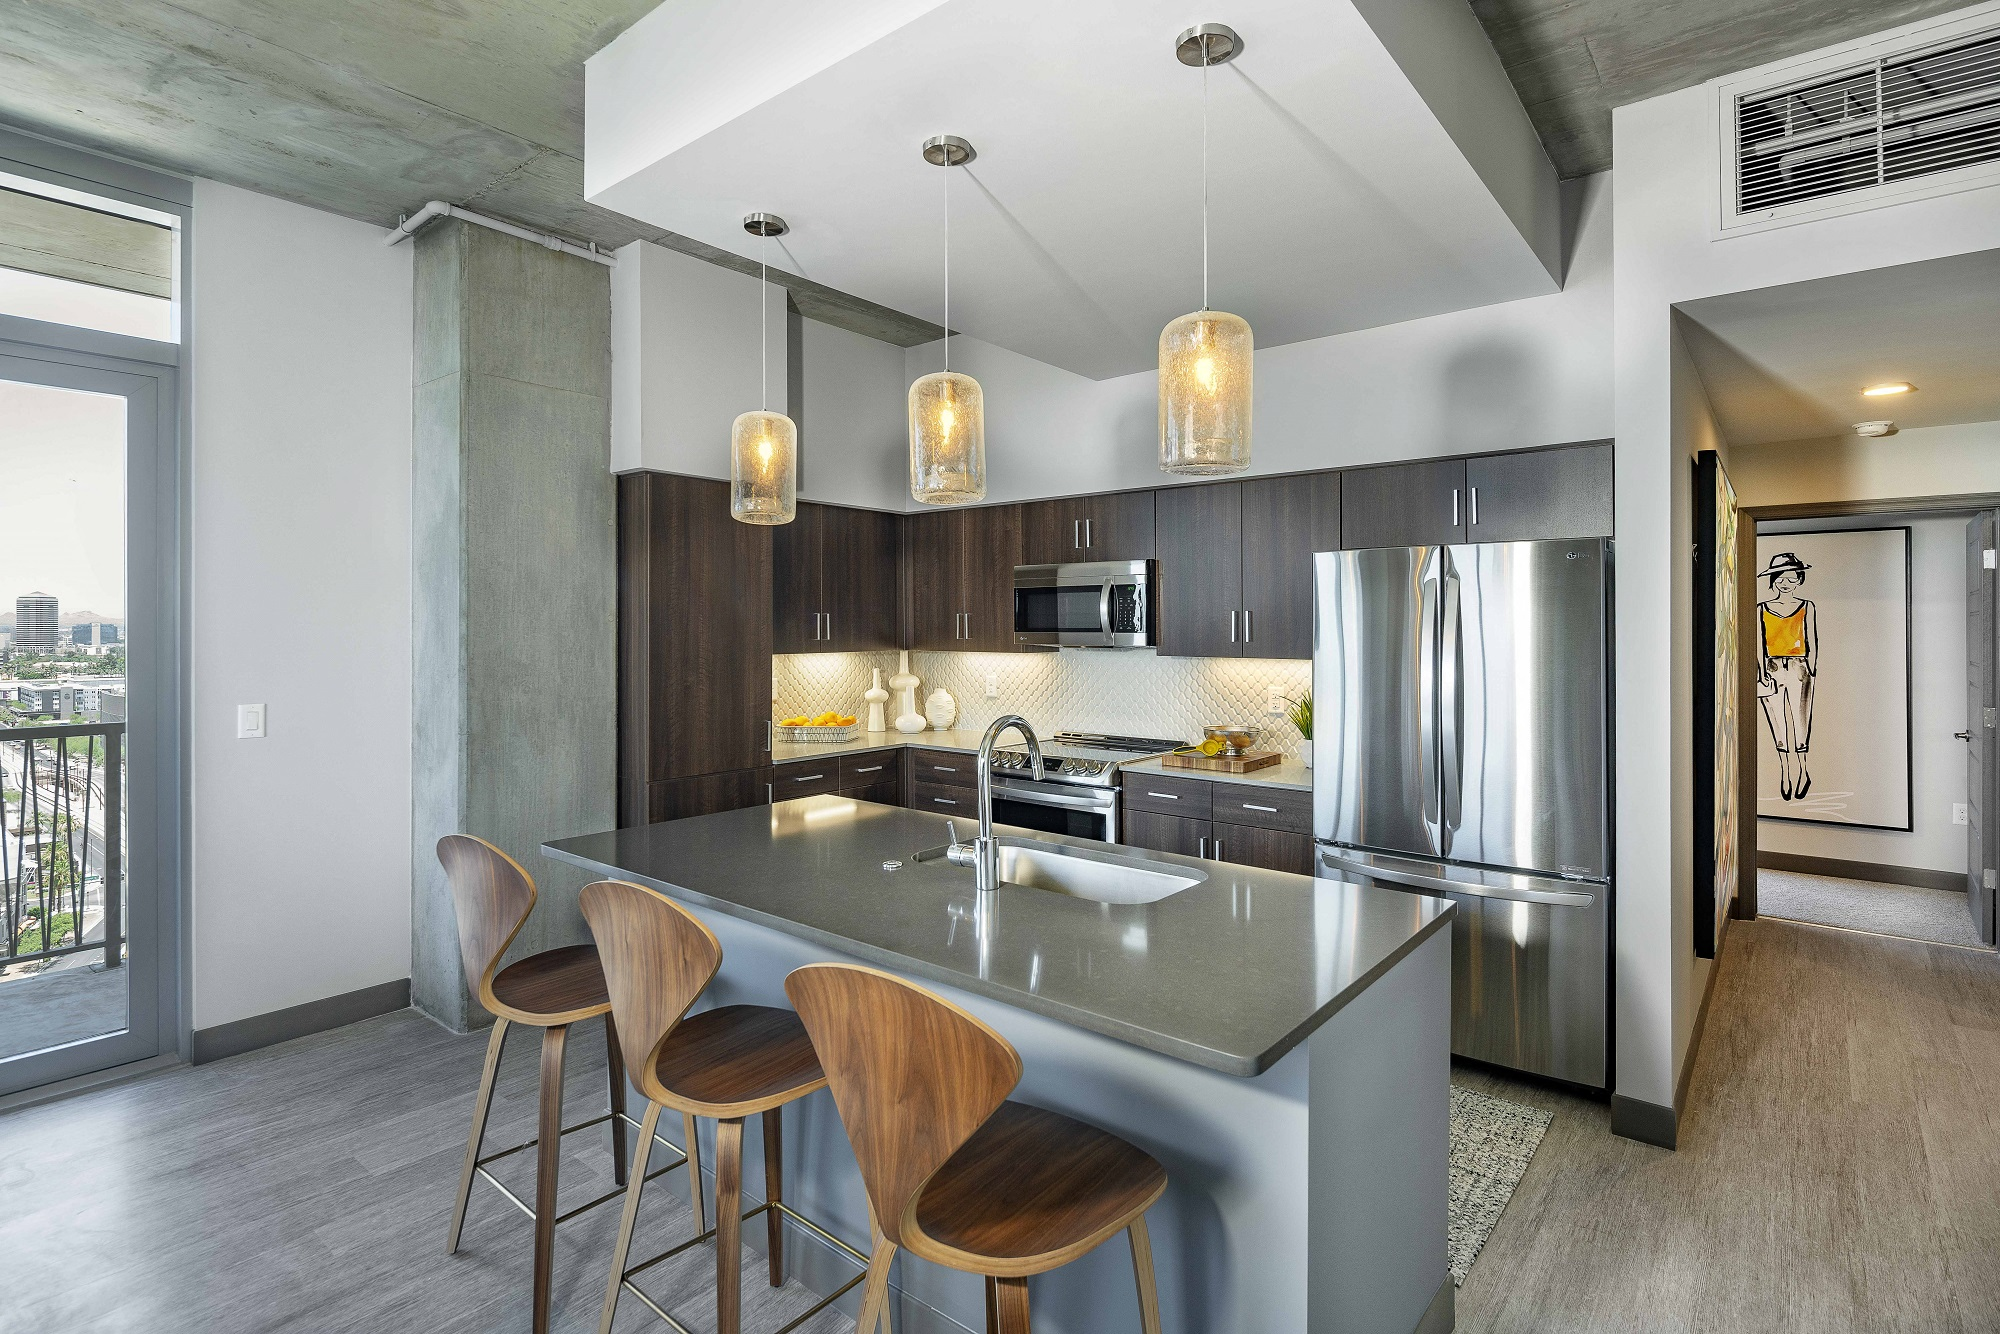 The Stewart kitchen